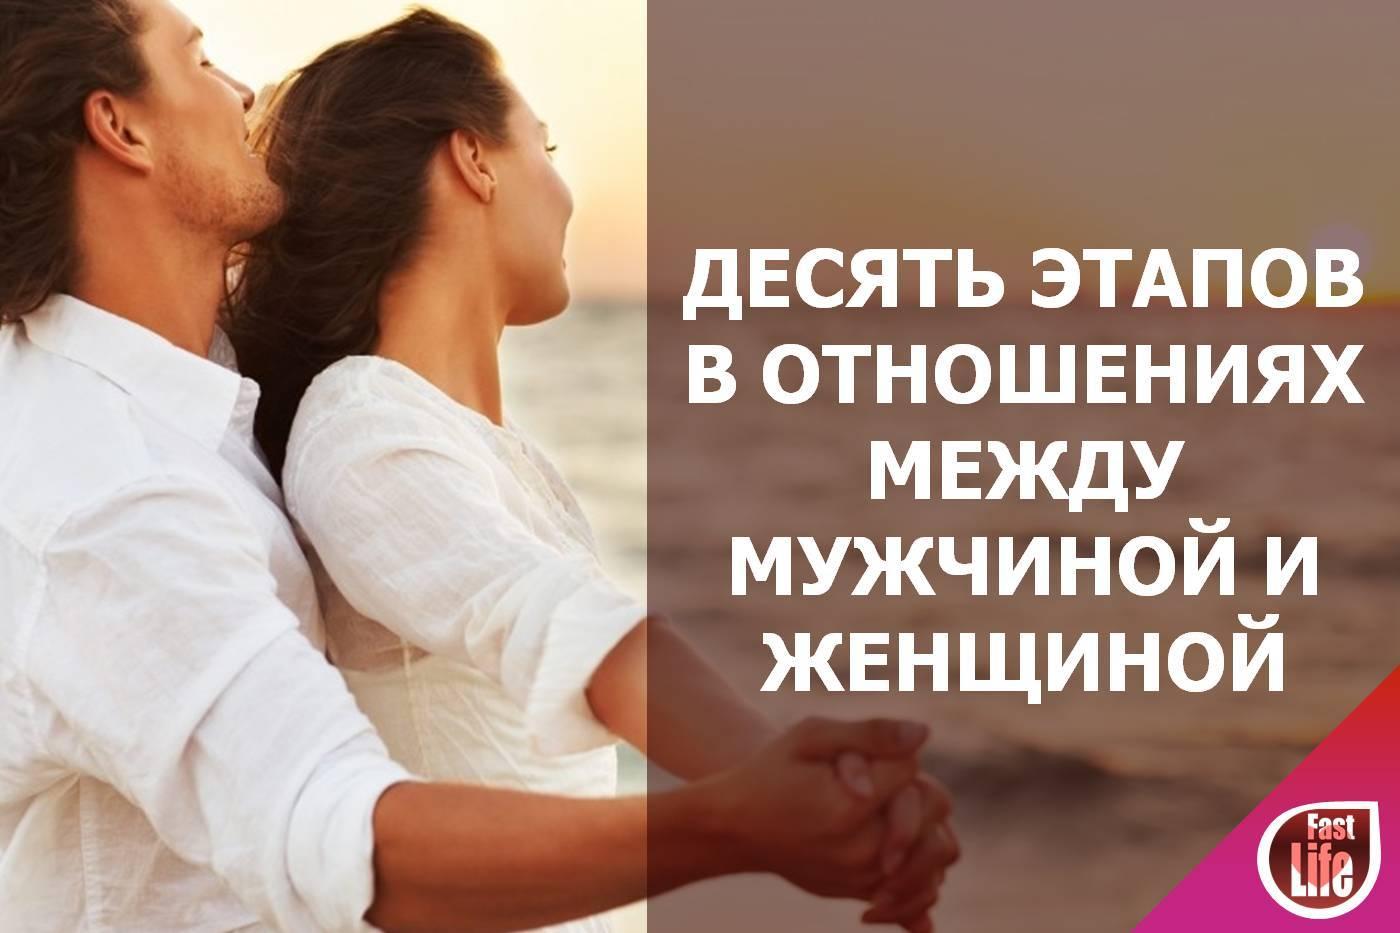 Сложные отношения. онлайн психология дома солнца